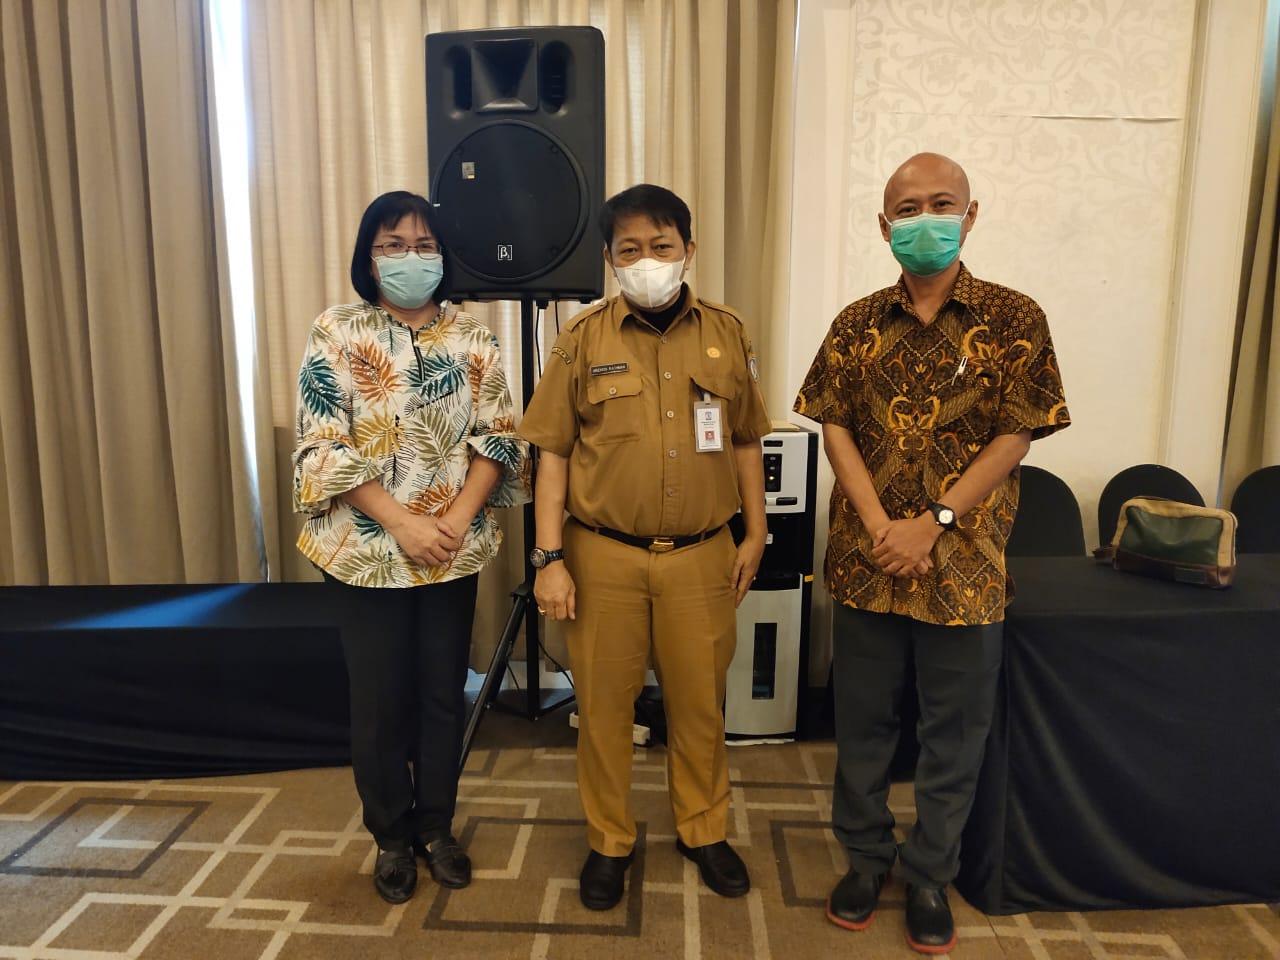 Mulia Hety Devita (kiri) bersama Sektretaris Prodi D3 Manajemen Industri Nanang Sujatmiko (kanan) berfoto bersama Kepala Dinas Perdagangan Balikpapan Arzaedi Rachman disela acara. Tampak Nanang Sujatmiko (kanan) saat menerima sertifikat dan hadiah untuk pemenang ke-3.